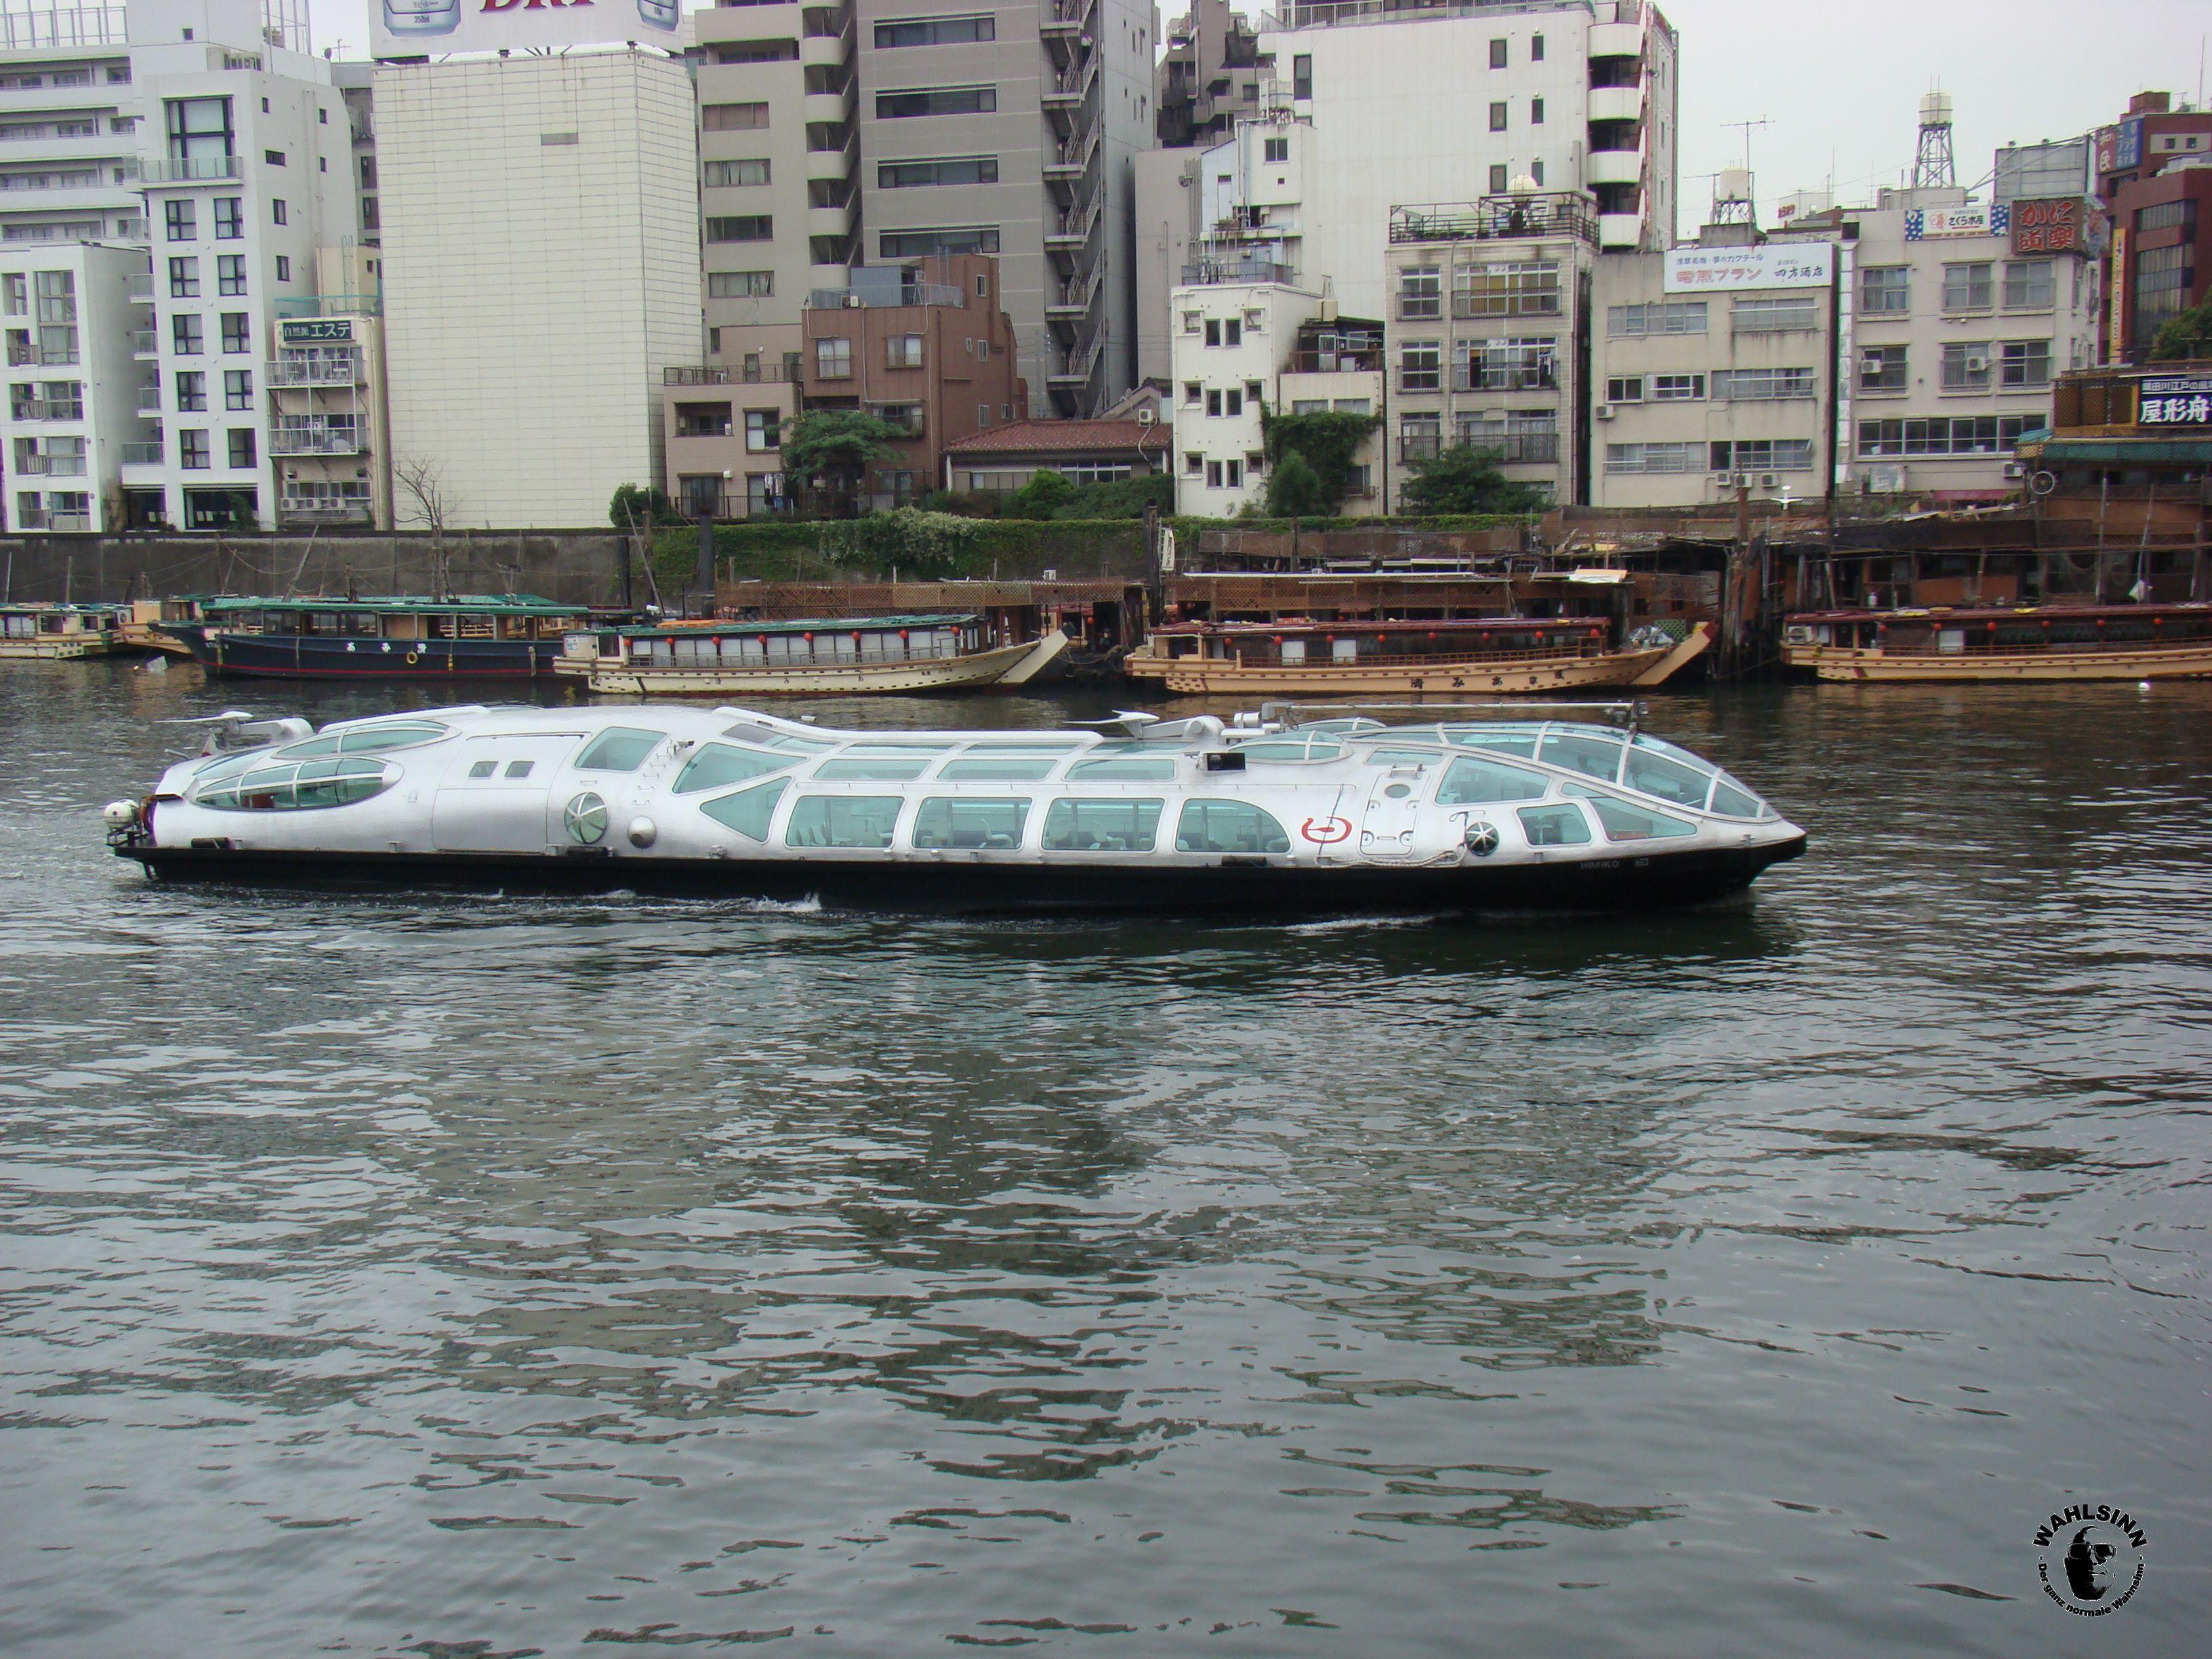 Japan // Tokio - Futuristische Boote auf dem Fluss in Asakusa